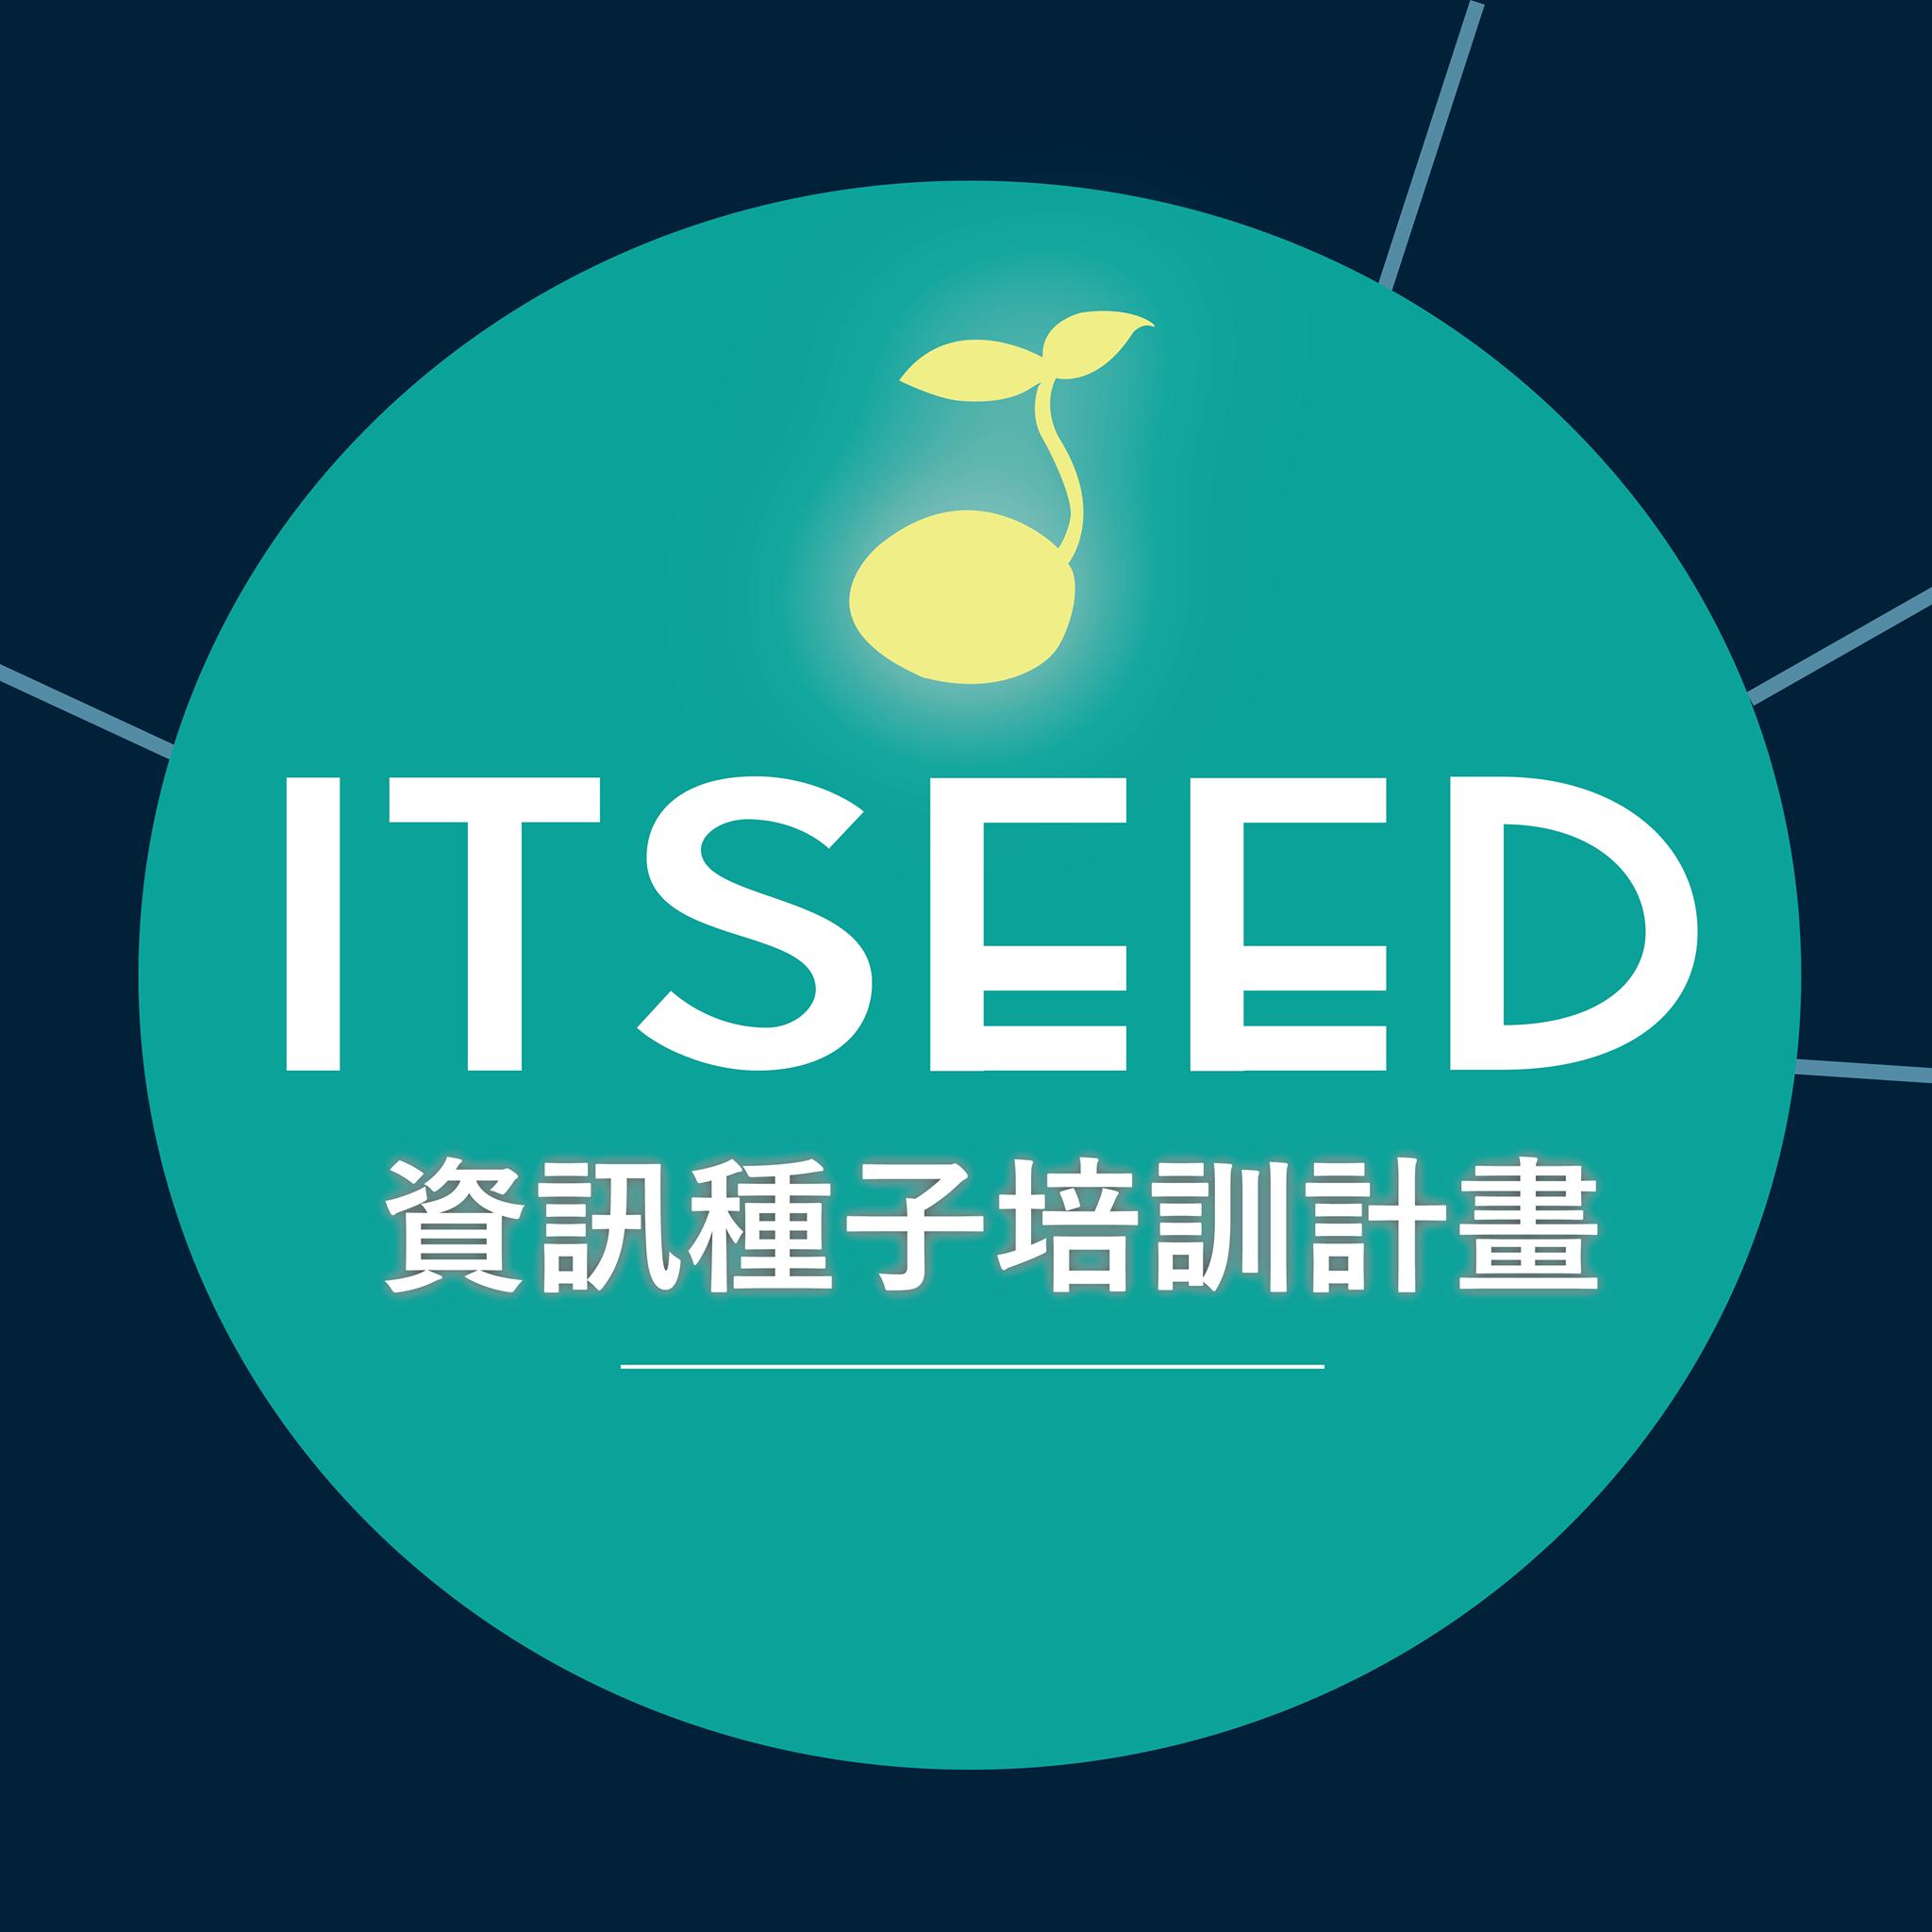 人才培訓計畫 logo